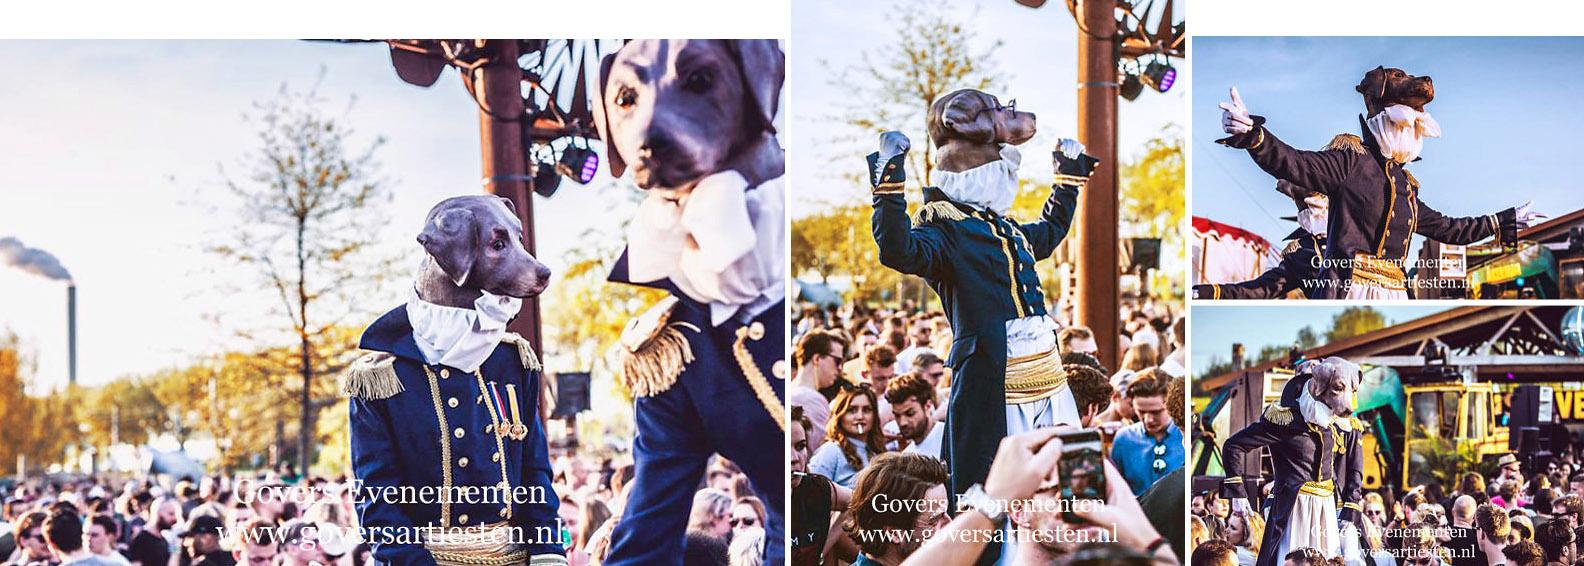 straattheater honden op stelten, dieren op stelten, schilderij op stelten, Thierry Poncelet, trouwe honden, dier, beesten, beesten op stelten, dierentuin, feest op stelten, hondenshow, steltentheater, steltenlopers, steltenact, artiesten boeken, dog, dog's, artiestenbureau, thema feest, straattheater, steltentheater, act, Govers Evenementen, www.goversartiesten.nl